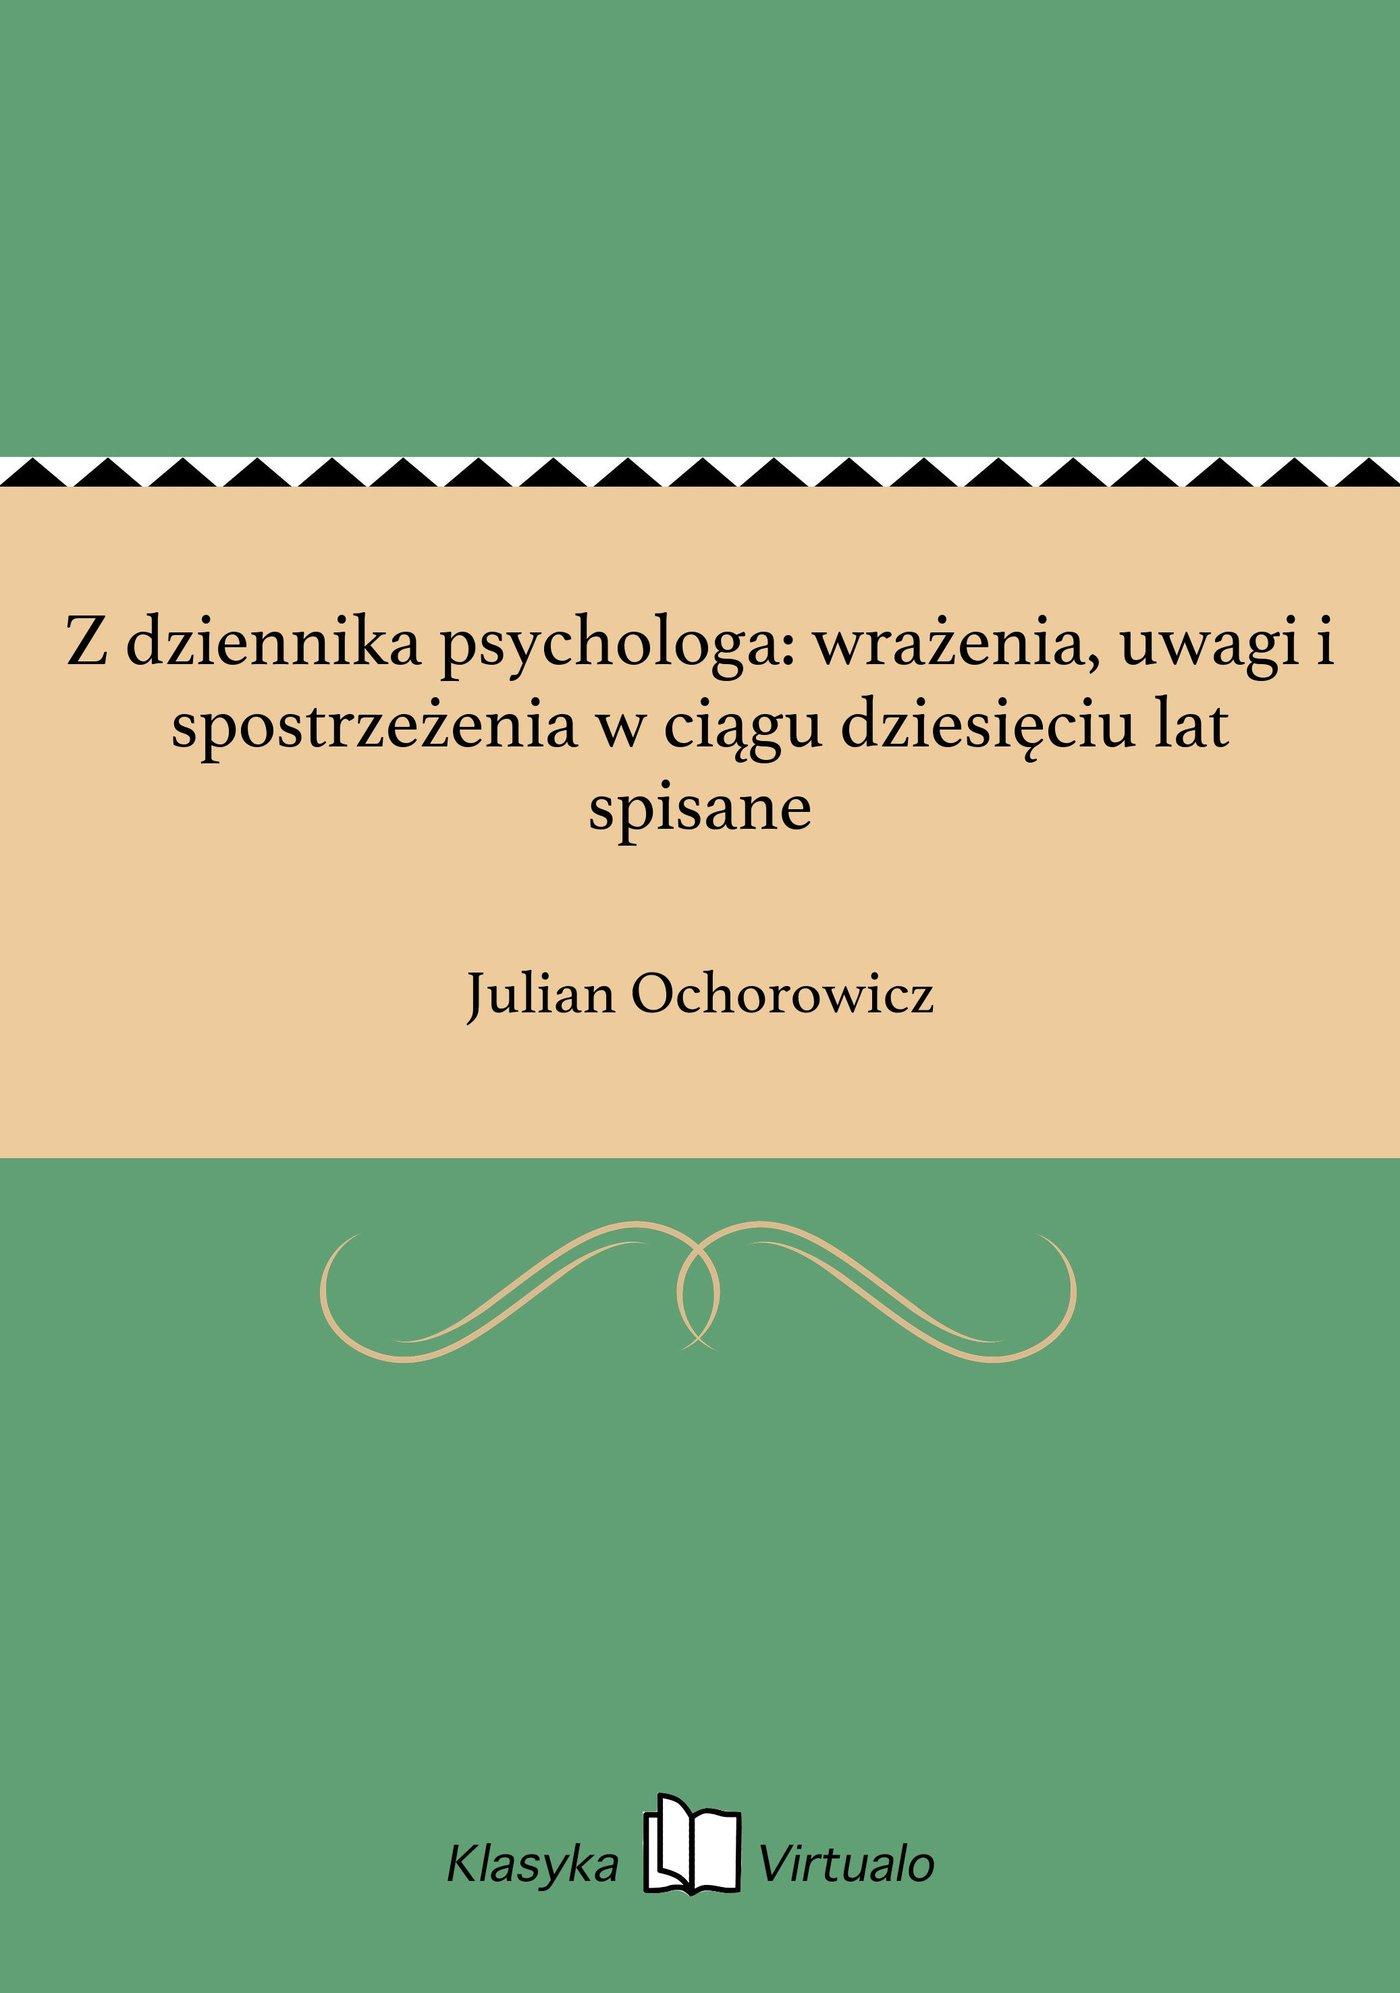 Z dziennika psychologa: wrażenia, uwagi i spostrzeżenia w ciągu dziesięciu lat spisane - Ebook (Książka EPUB) do pobrania w formacie EPUB